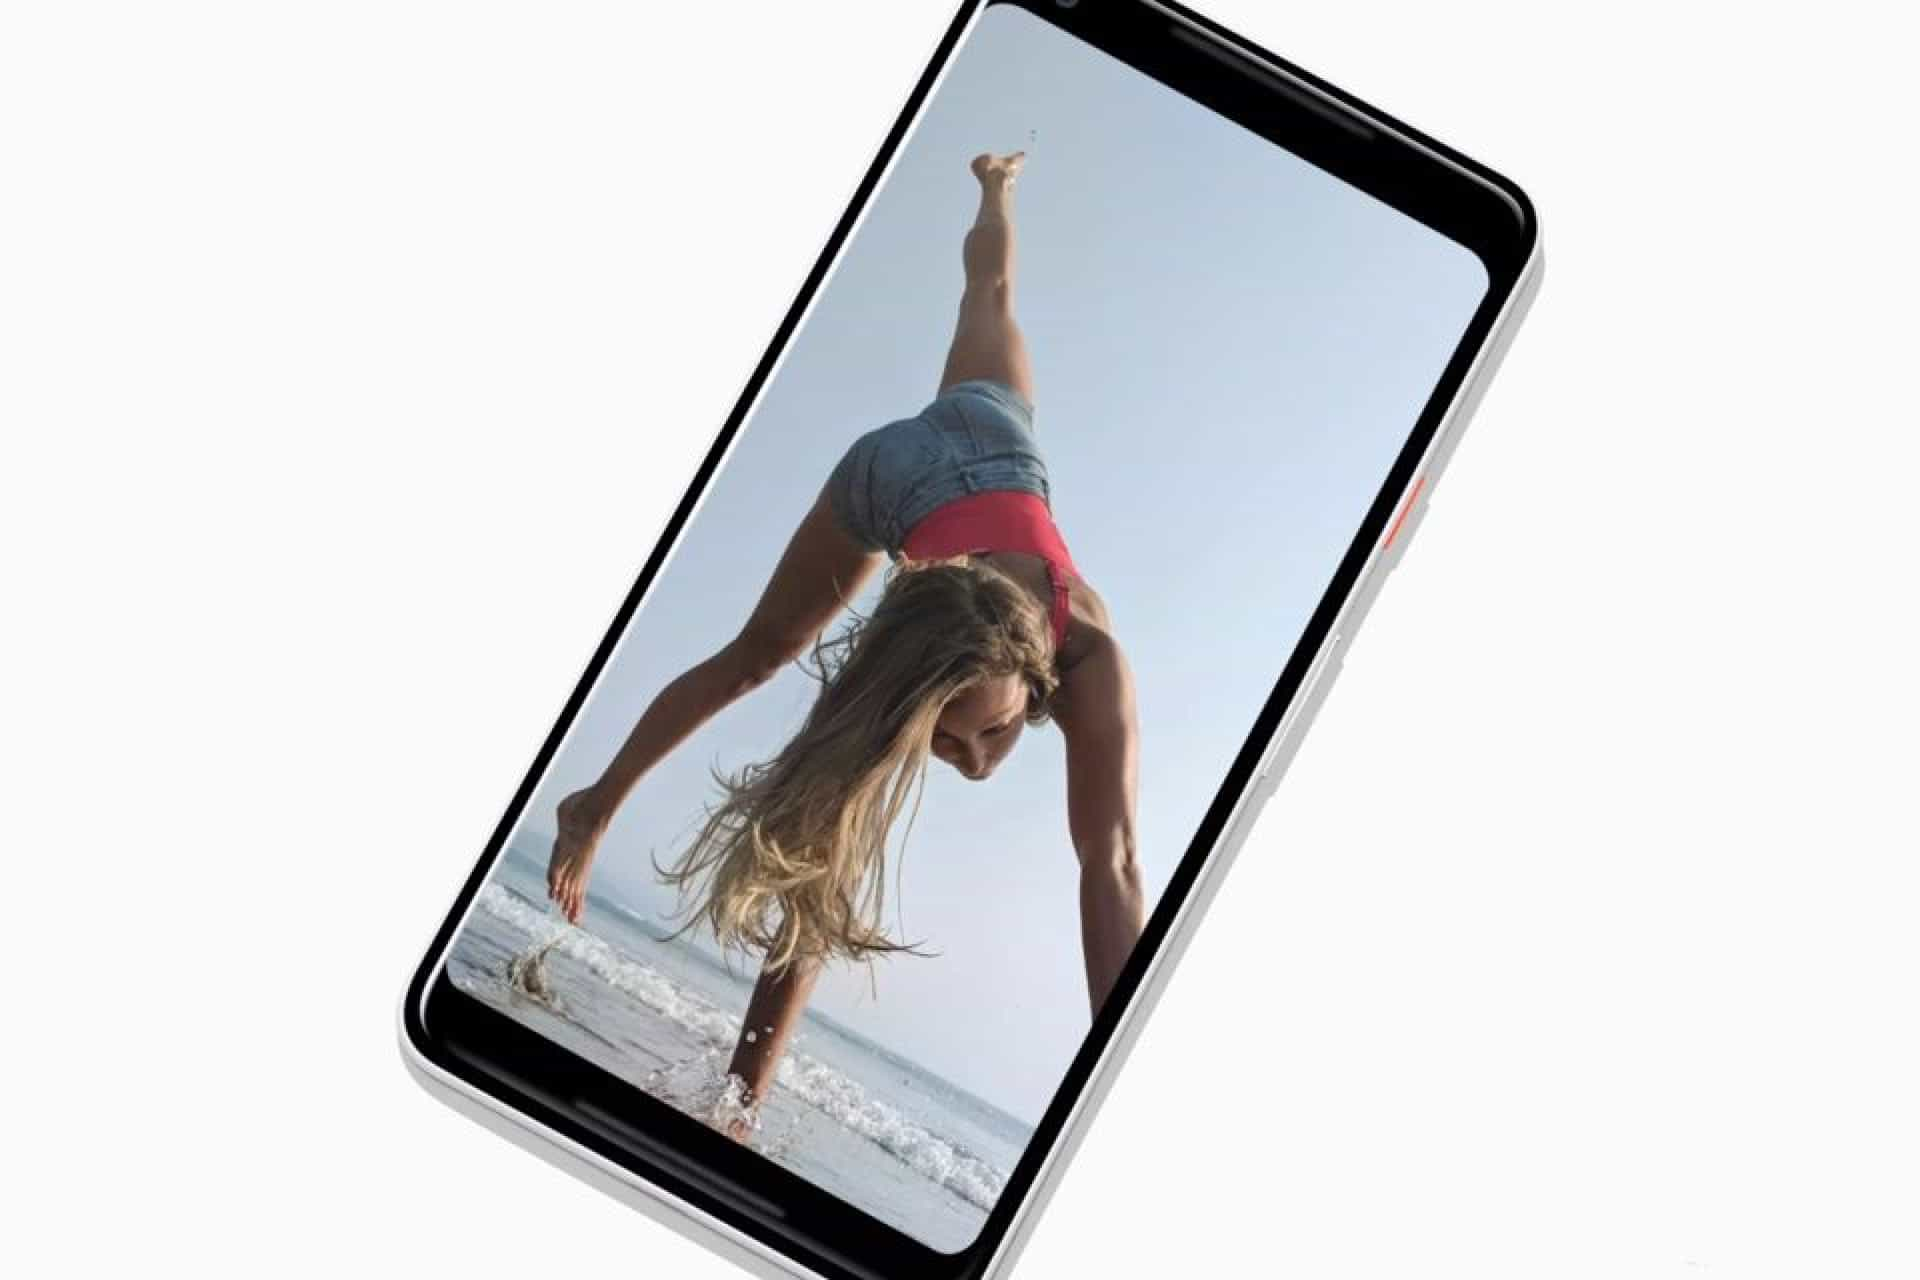 Nem iPhone X nem Galaxy S9. Eis o melhor smartphone do mundo